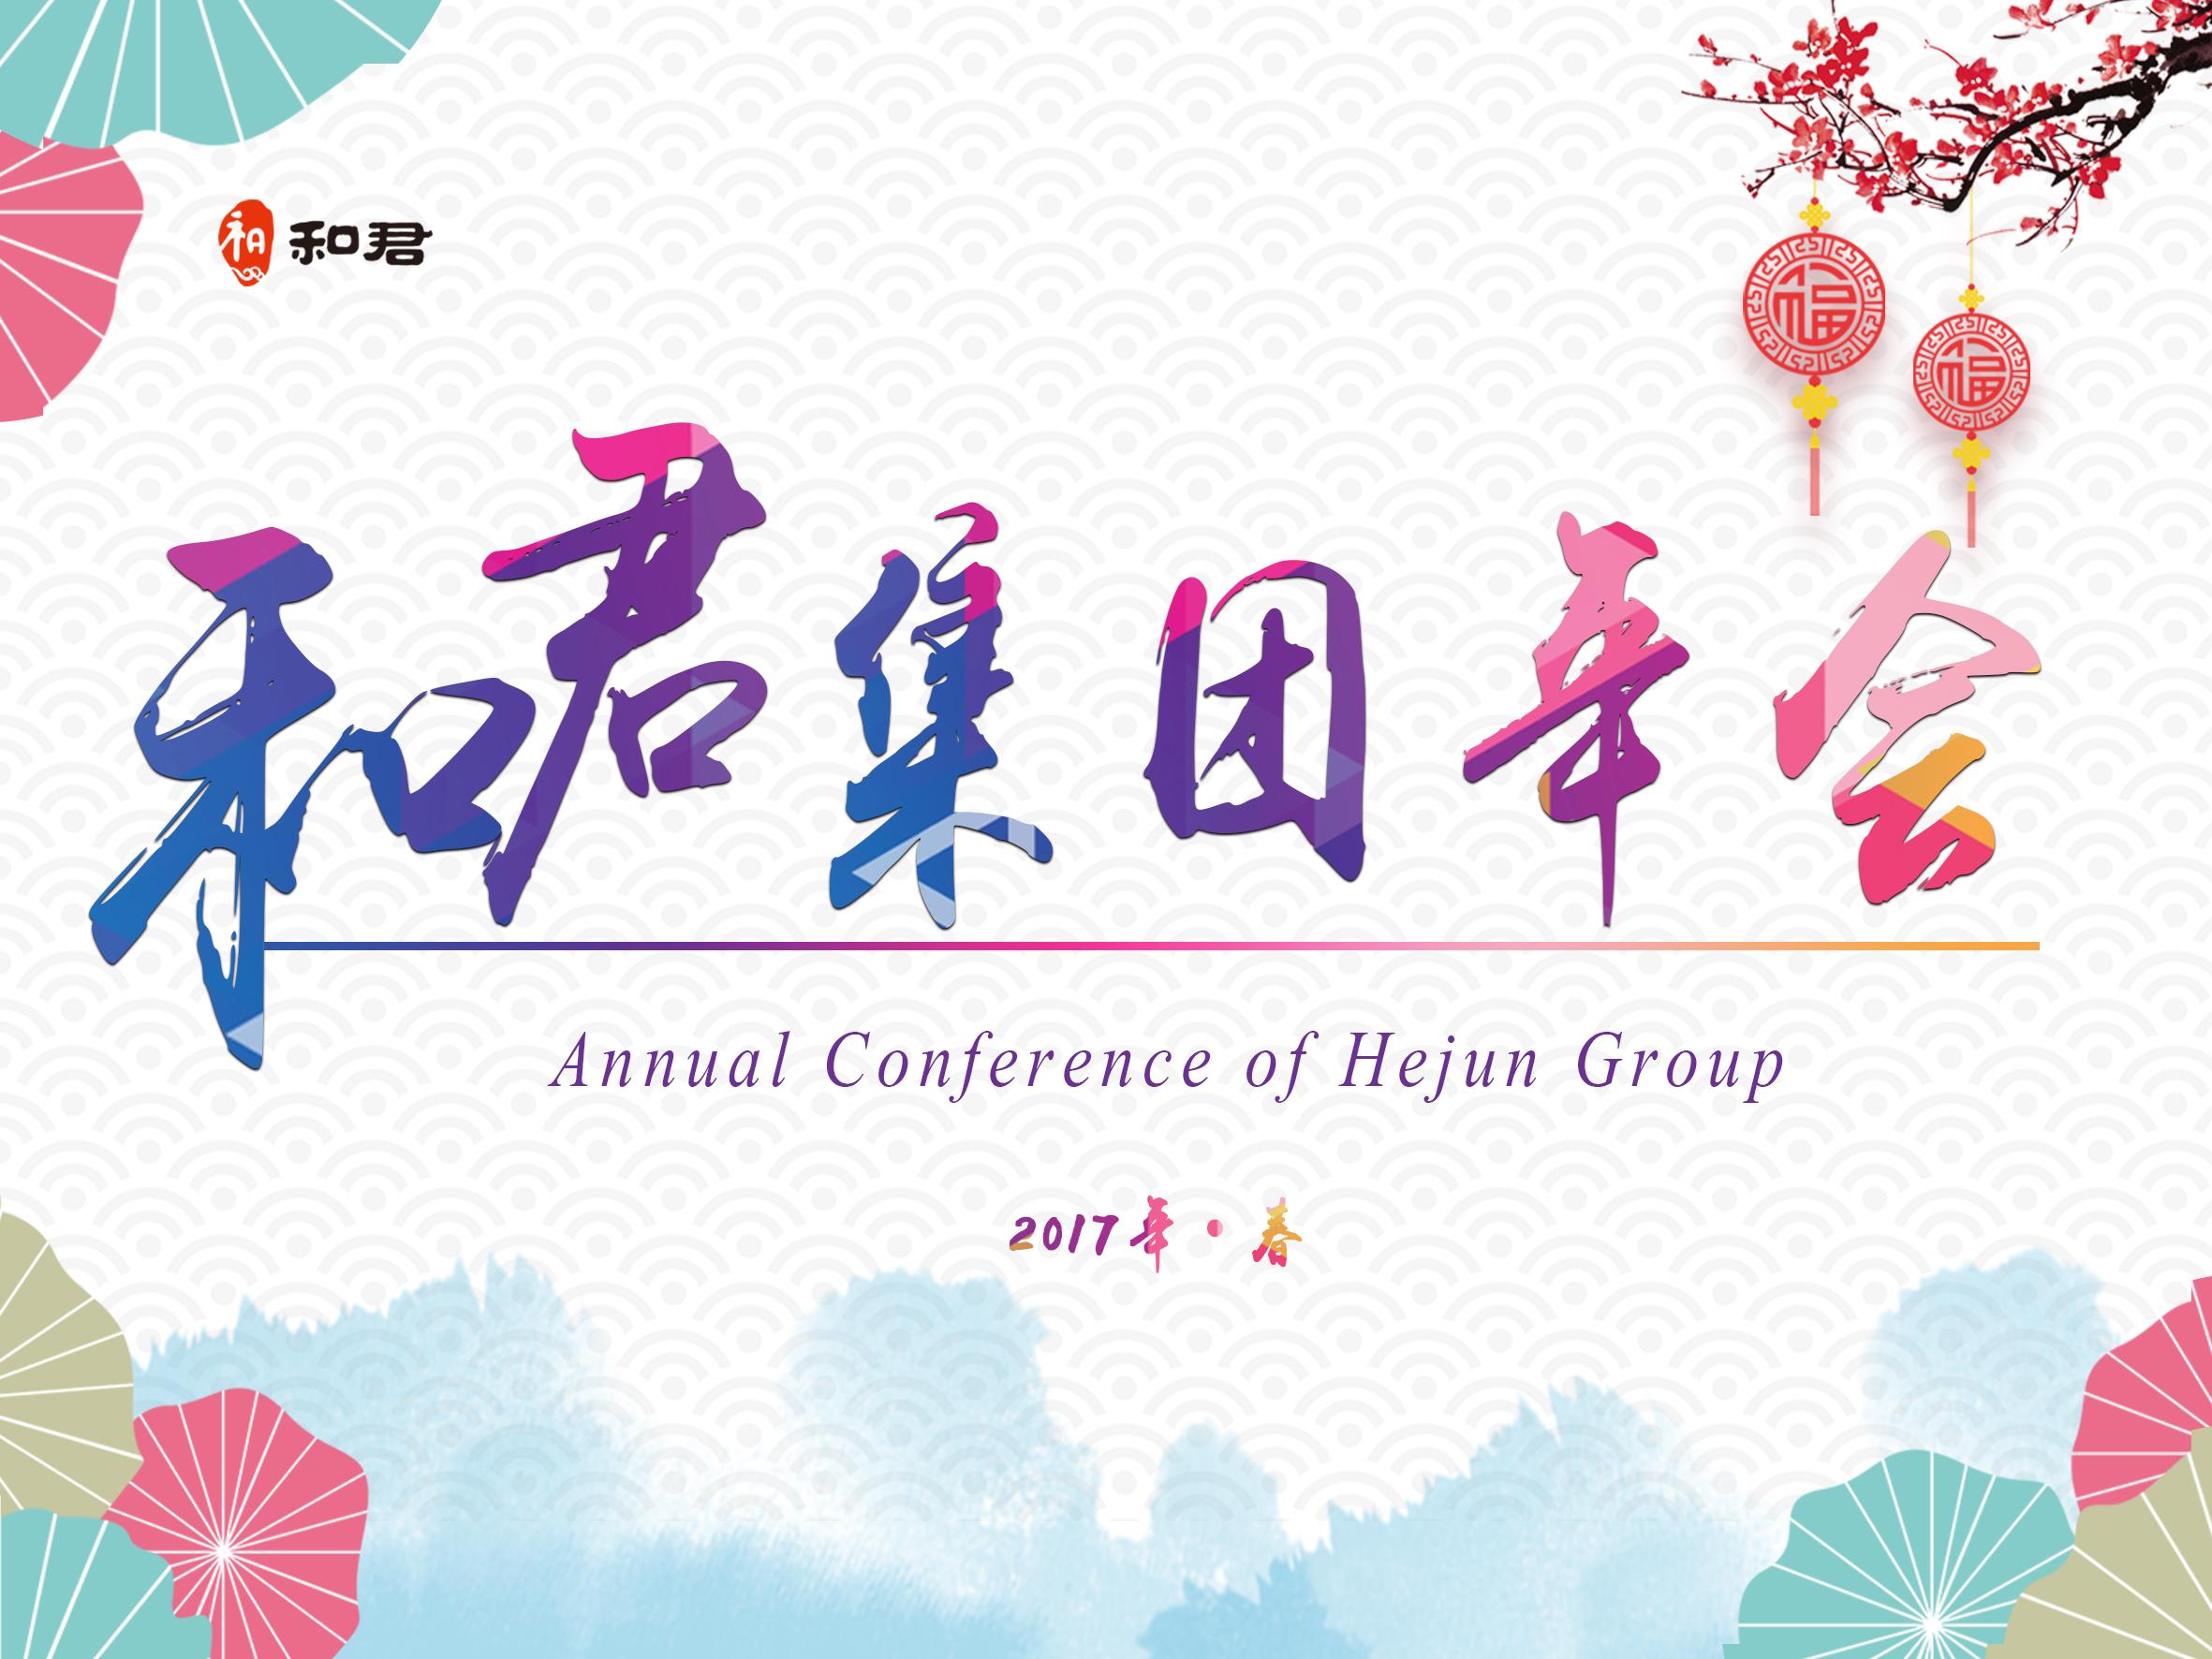 和君集团2016年春节年会